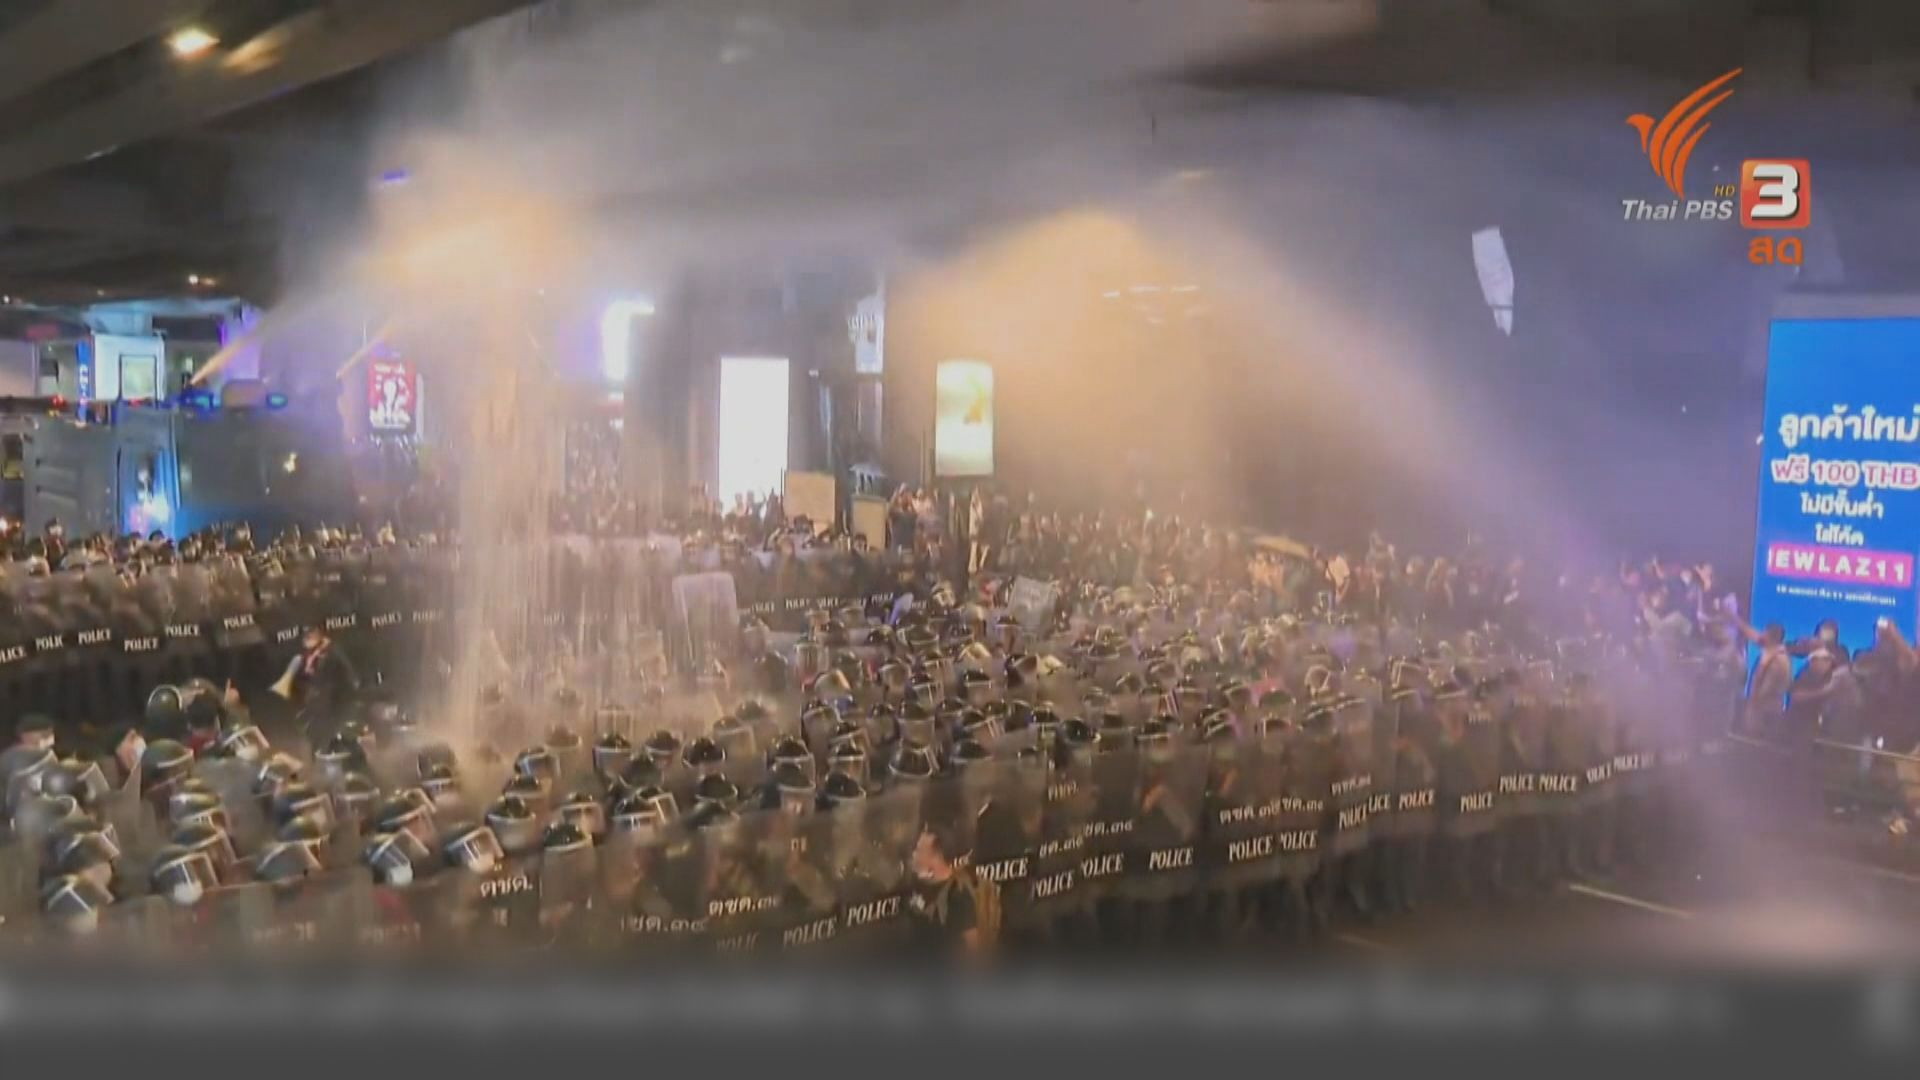 泰國警方出動水炮車驅散 示威者築起雨傘陣